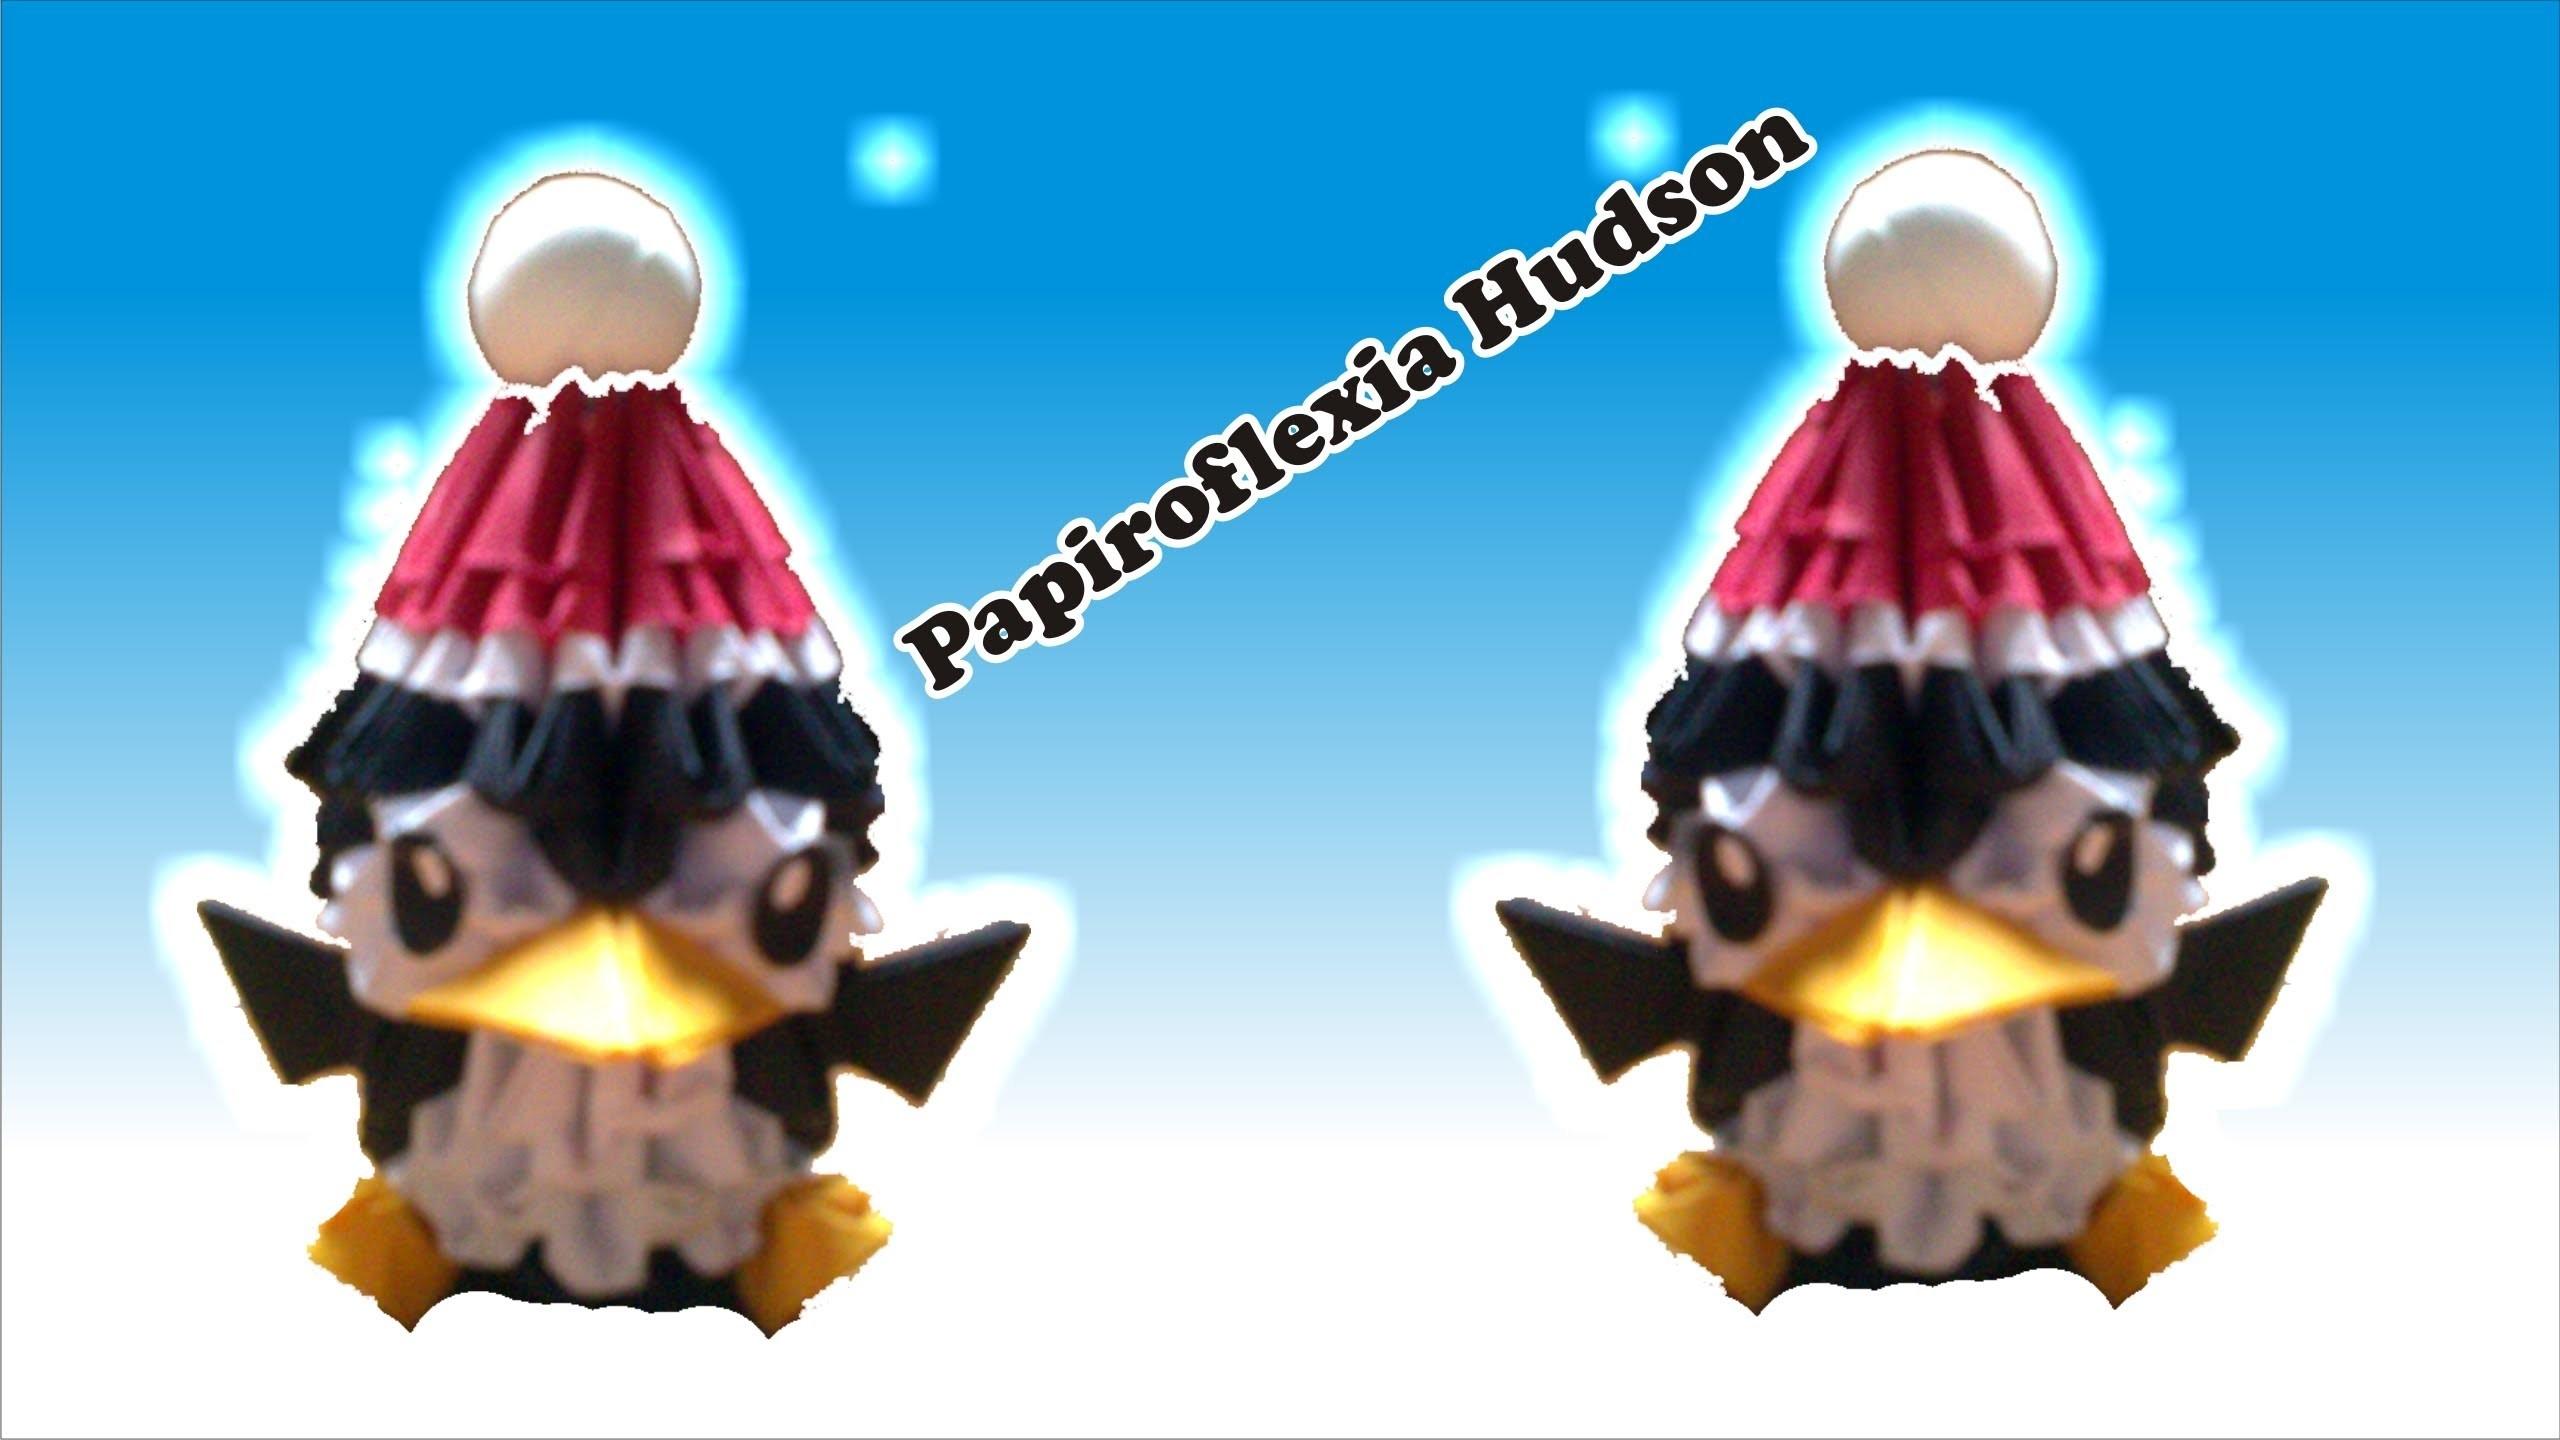 Origami 3D Pinguinito o Pinguinito Navideño (Especial Navideño)